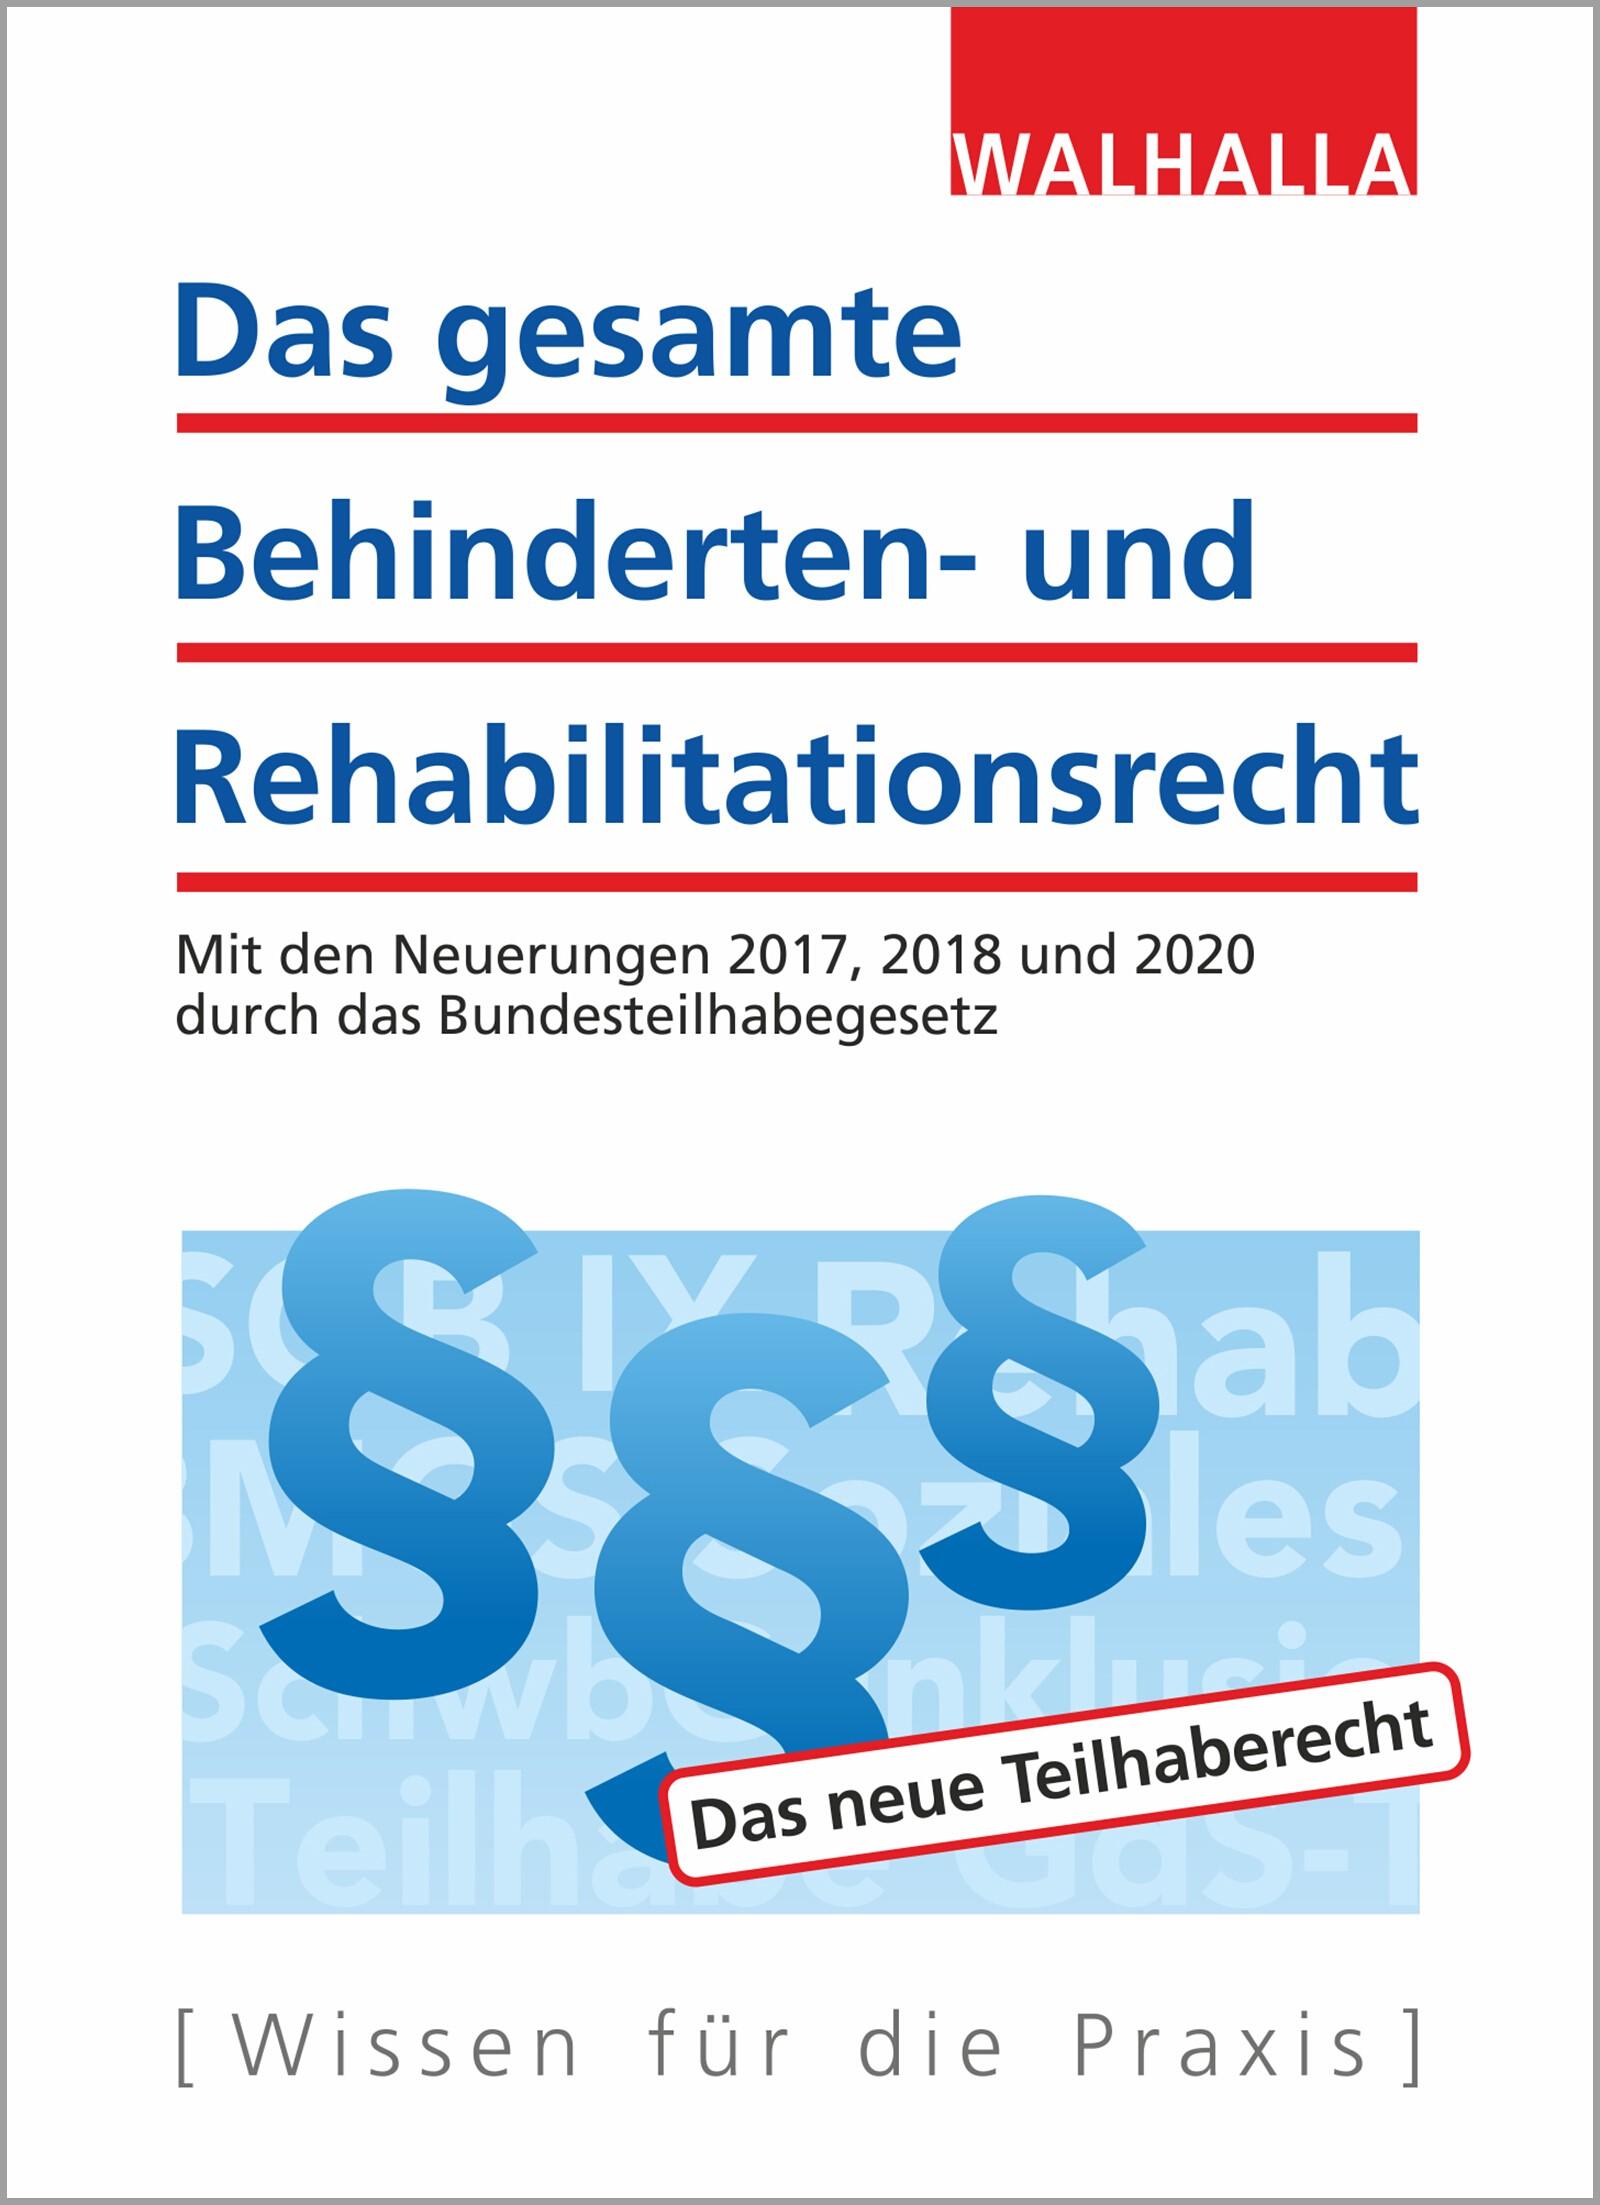 Das gesamte Behinderten- und Rehabilitationsrecht - Ausgabe 2018 | Walhalla Fachredaktion | 4. Auflage, 2018 | Buch (Cover)